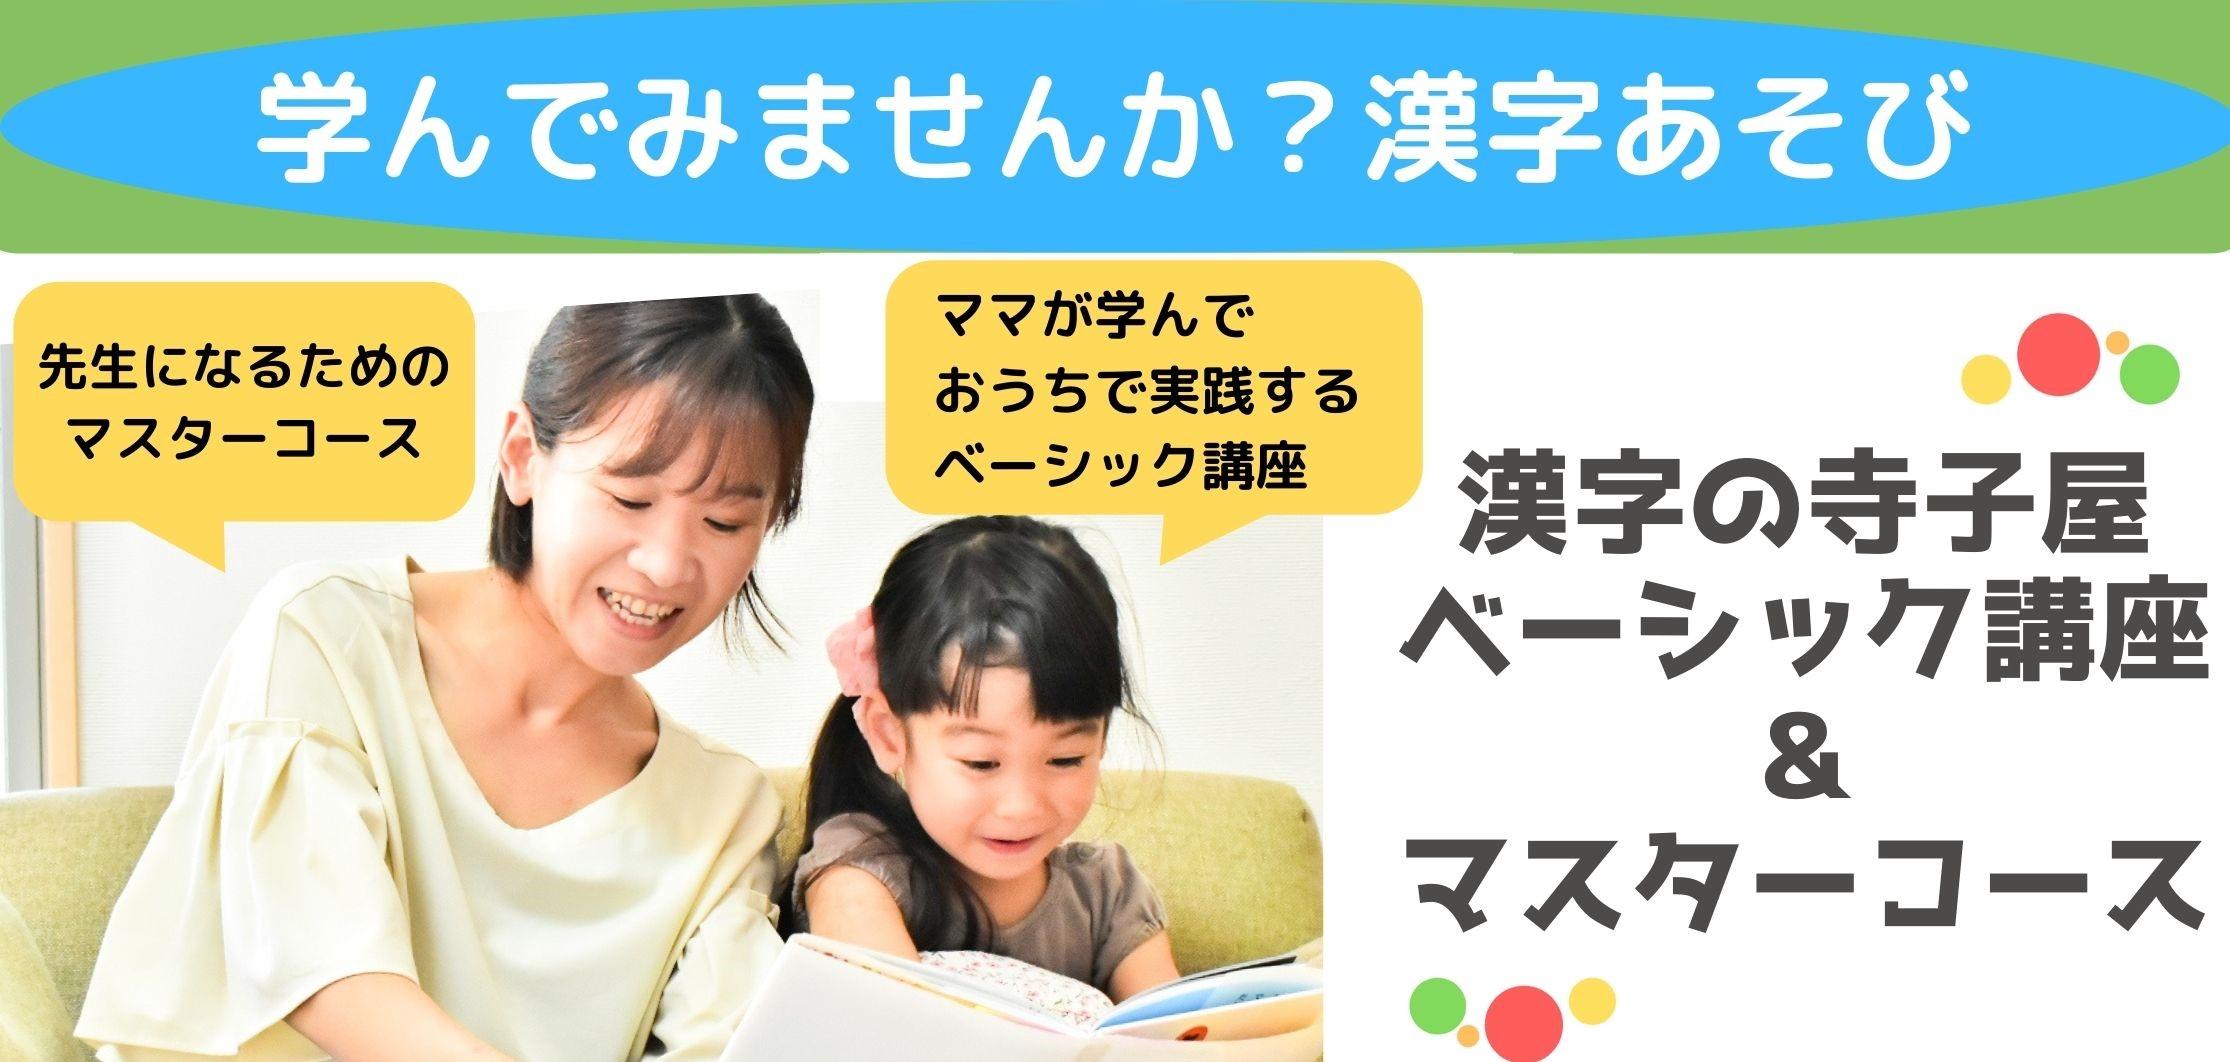 やってみよう!はじめての漢字あそびのコピー (1)